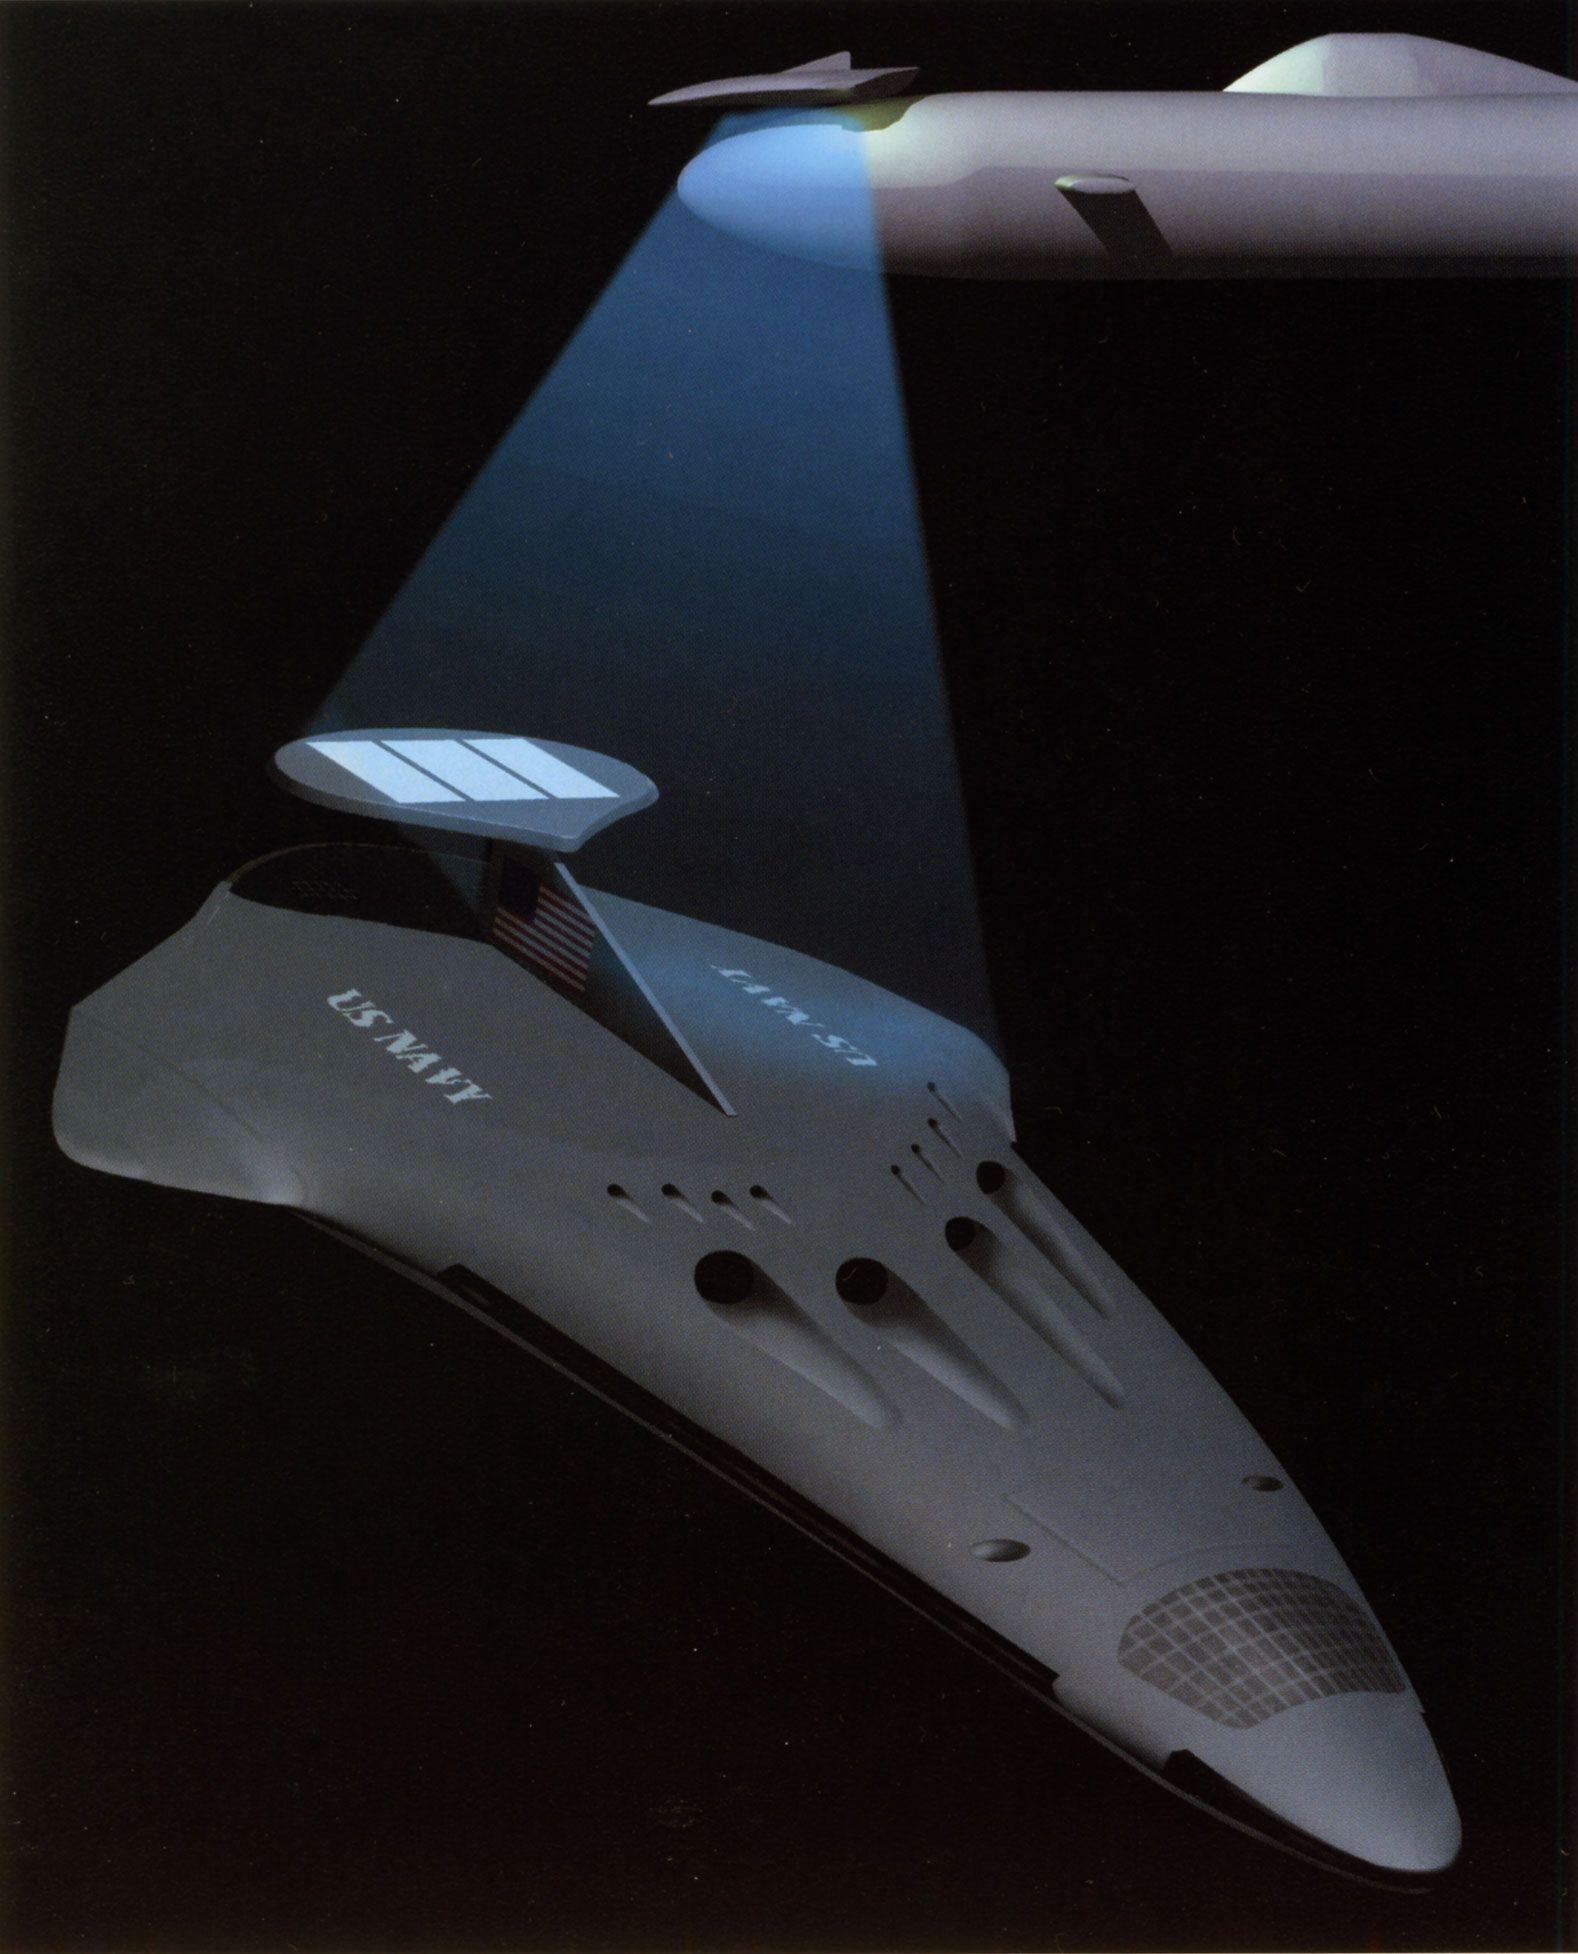 Future Submarine Concepts | Re: US future submarine ...